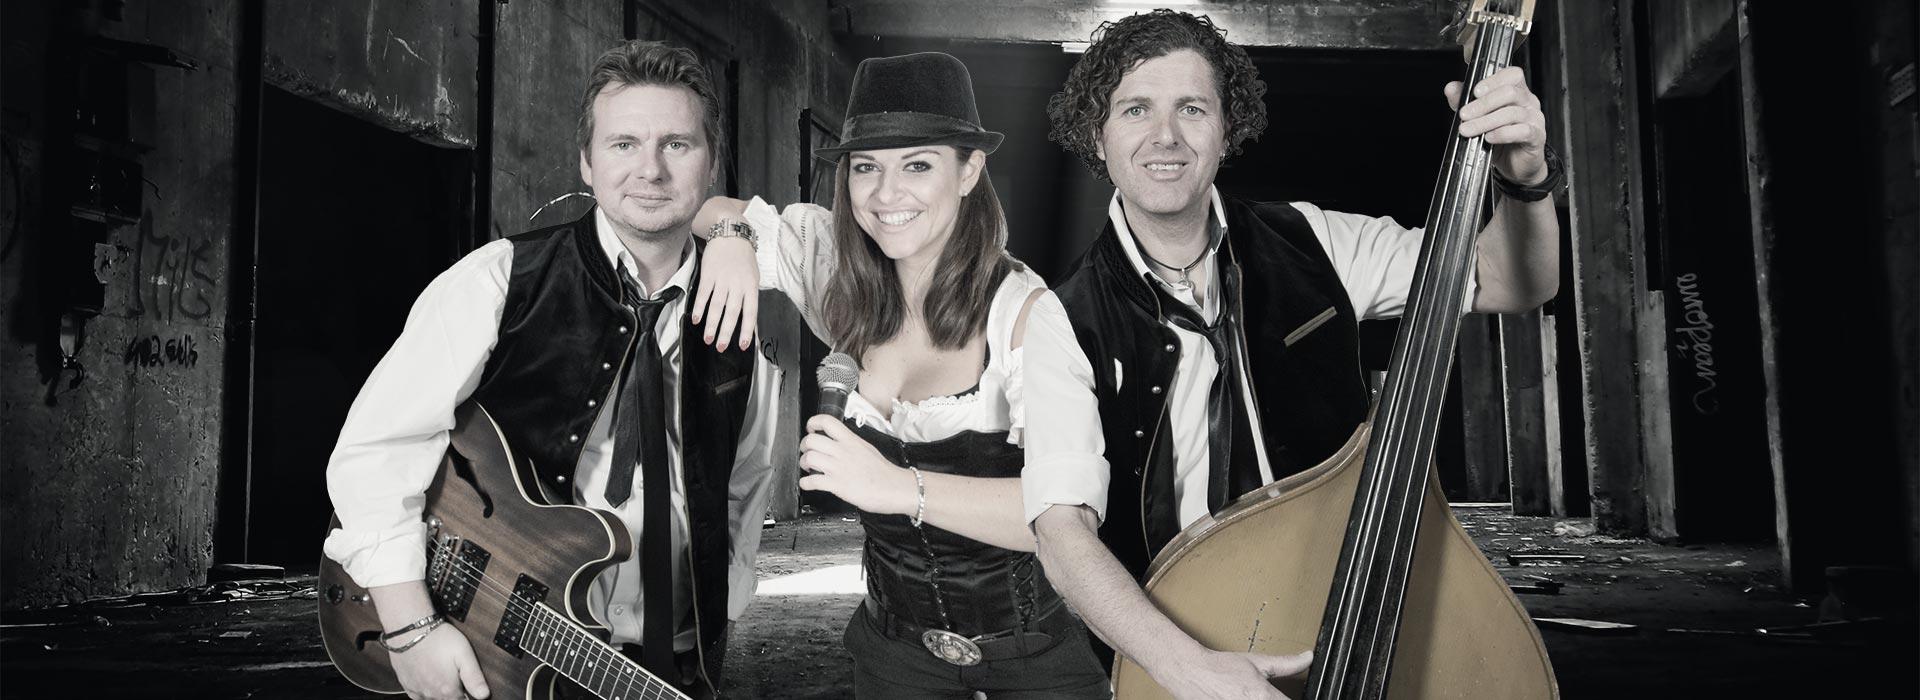 Bayernmafia Trio Band Musik Bamberg